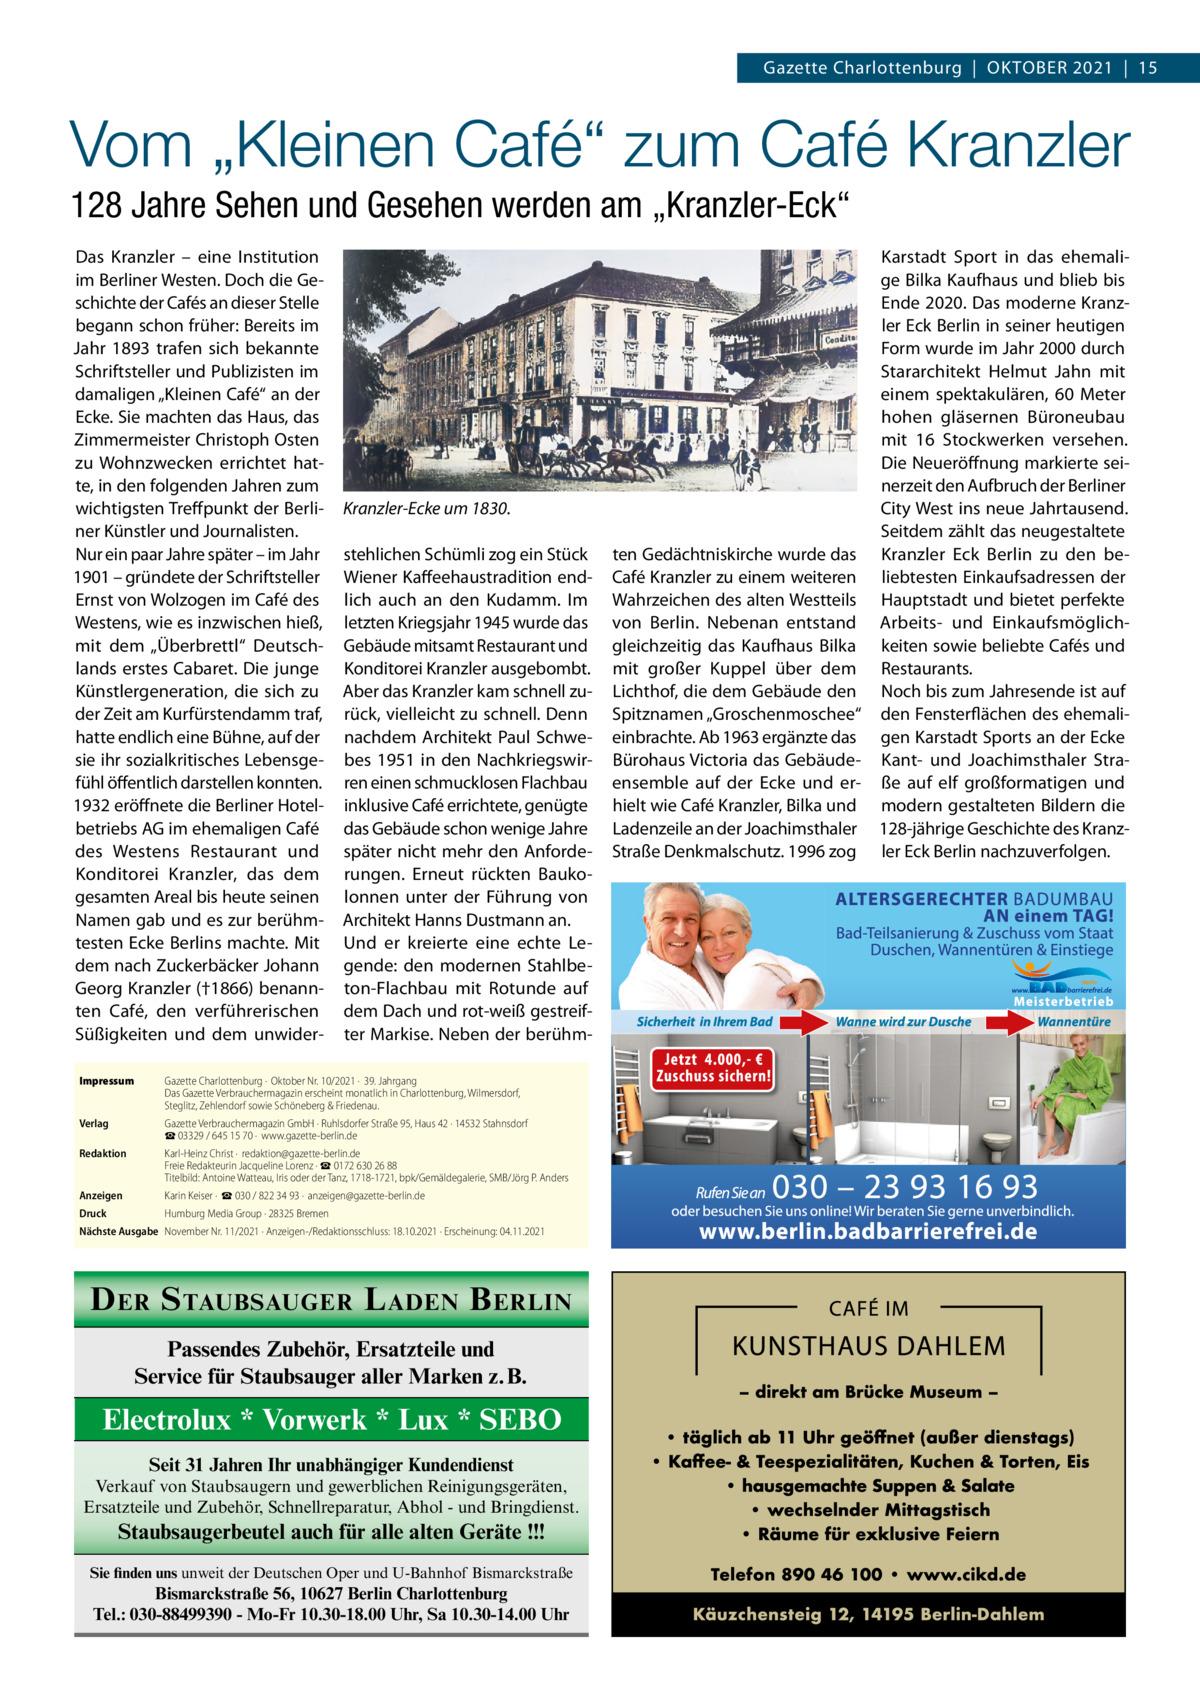 """Gazette Charlottenburg OktOber 2021 15  Vom """"Kleinen Café"""" zum Café Kranzler 128 Jahre Sehen und Gesehen werden am """"Kranzler-Eck"""" Das kranzler – eine Institution im berliner Westen. Doch die Geschichte der Cafés an dieser Stelle begann schon früher: bereits im Jahr 1893 trafen sich bekannte Schriftsteller und Publizisten im damaligen """"kleinen Café"""" an der ecke. Sie machten das Haus, das Zimmermeister Christoph Osten zu Wohnzwecken errichtet hatte, in den folgenden Jahren zum wichtigsten treffpunkt der berliner künstler und Journalisten. Nur ein paar Jahre später – im Jahr 1901 – gründete der Schriftsteller ernst von Wolzogen im Café des Westens, wie es inzwischen hieß, mit dem """"Überbrettl"""" Deutschlands erstes Cabaret. Die junge künstlergeneration, die sich zu der Zeit am kurfürstendamm traf, hatte endlich eine bühne, auf der sie ihr sozialkritisches Lebensgefühl öffentlich darstellen konnten. 1932 eröffnete die berliner Hotelbetriebs AG im ehemaligen Café des Westens restaurant und konditorei kranzler, das dem gesamten Areal bis heute seinen Namen gab und es zur berühmtesten ecke berlins machte. Mit dem nach Zuckerbäcker Johann Georg kranzler (†1866) benannten Café, den verführerischen Süßigkeiten und dem unwider Kranzler-Ecke um 1830. stehlichen Schümli zog ein Stück Wiener kaffeehaustradition endlich auch an den kudamm. Im letzten kriegsjahr 1945 wurde das Gebäude mitsamt restaurant und konditorei kranzler ausgebombt. Aber das kranzler kam schnell zurück, vielleicht zu schnell. Denn nachdem Architekt Paul Schwebes 1951 in den Nachkriegswirren einen schmucklosen Flachbau inklusive Café errichtete, genügte das Gebäude schon wenige Jahre später nicht mehr den Anforderungen. erneut rückten baukolonnen unter der Führung von Architekt Hanns Dustmann an. Und er kreierte eine echte Legende: den modernen Stahlbeton-Flachbau mit rotunde auf dem Dach und rot-weiß gestreifter Markise. Neben der berühm Impressum  Gazette Charlottenburg· Oktober Nr.10/2021· 39. Jahrgang Das Gaz"""